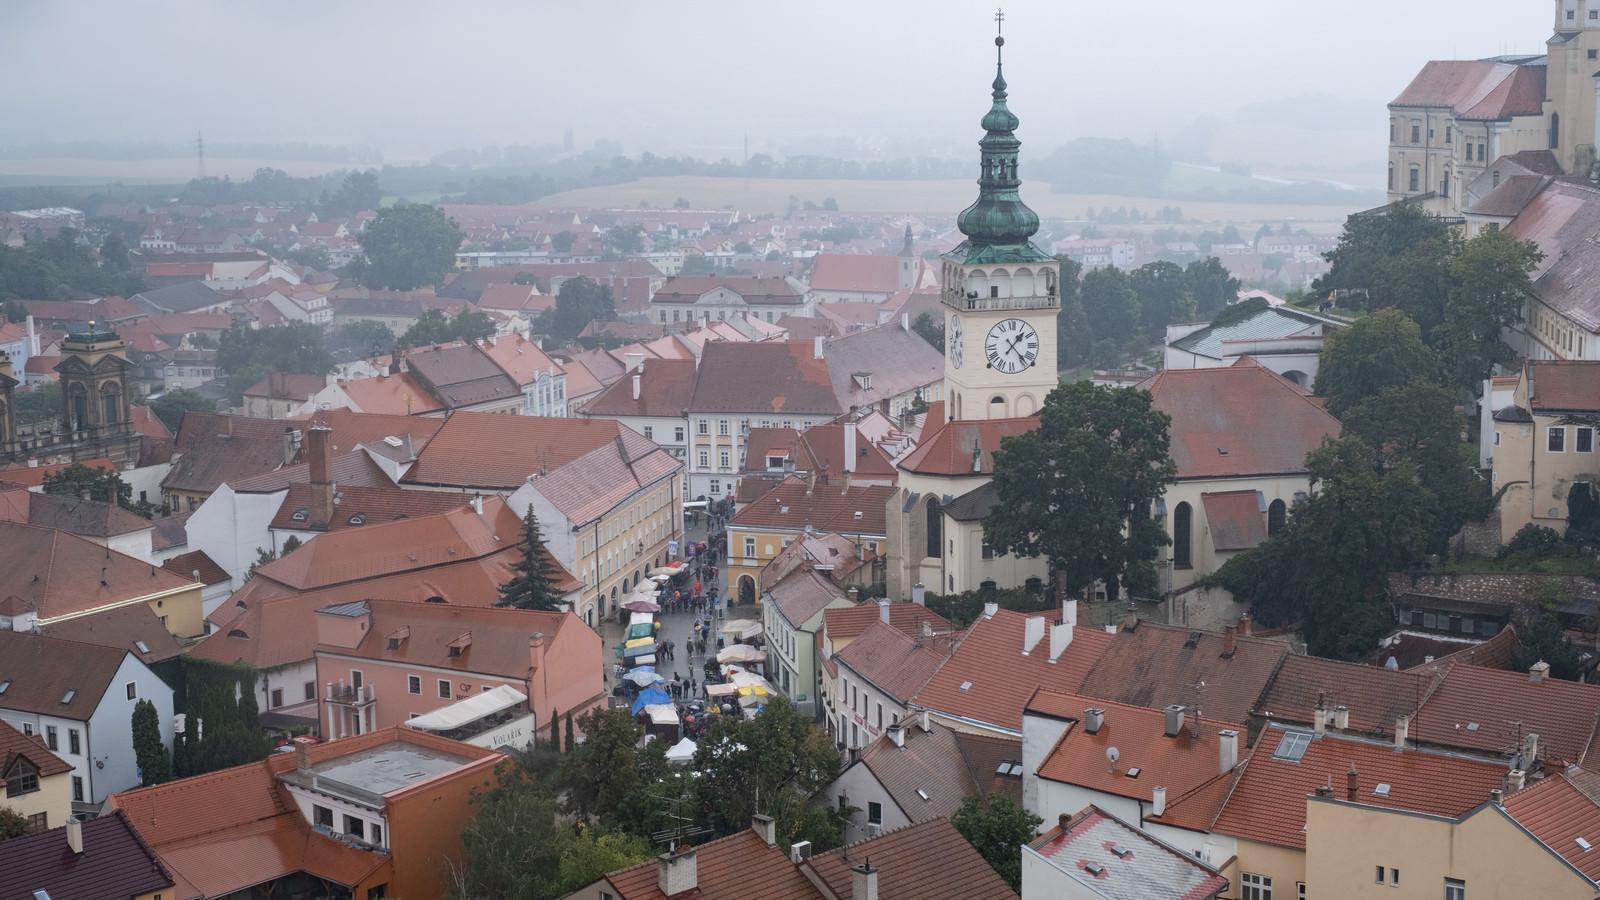 「赤茶に統一された屋根と時計台(チェコ共和国・ミクロフ)」の写真